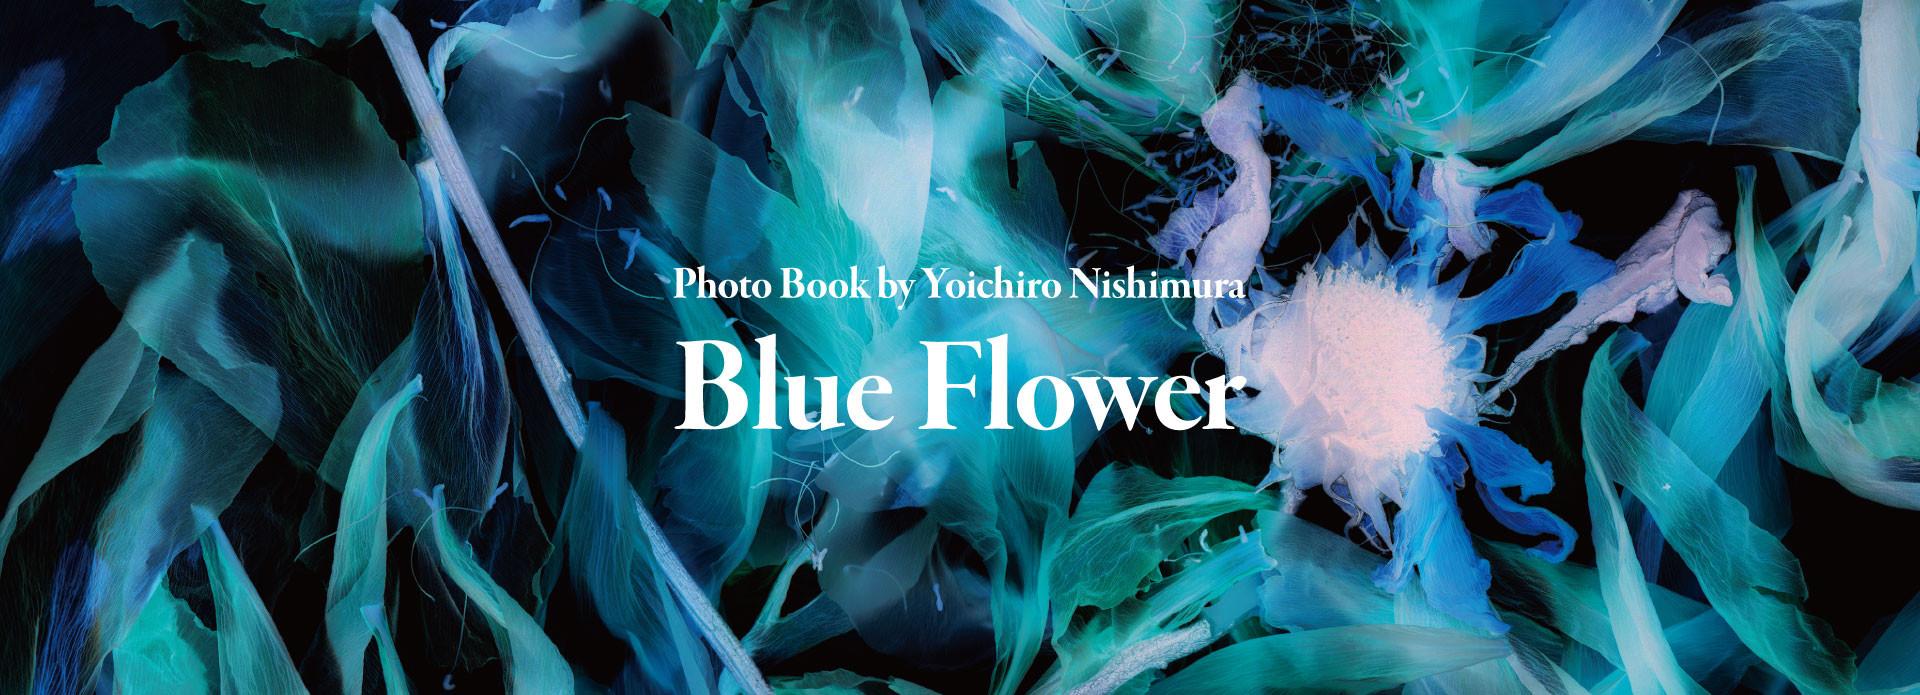 Blue Flower | Yoichiro Nishimura